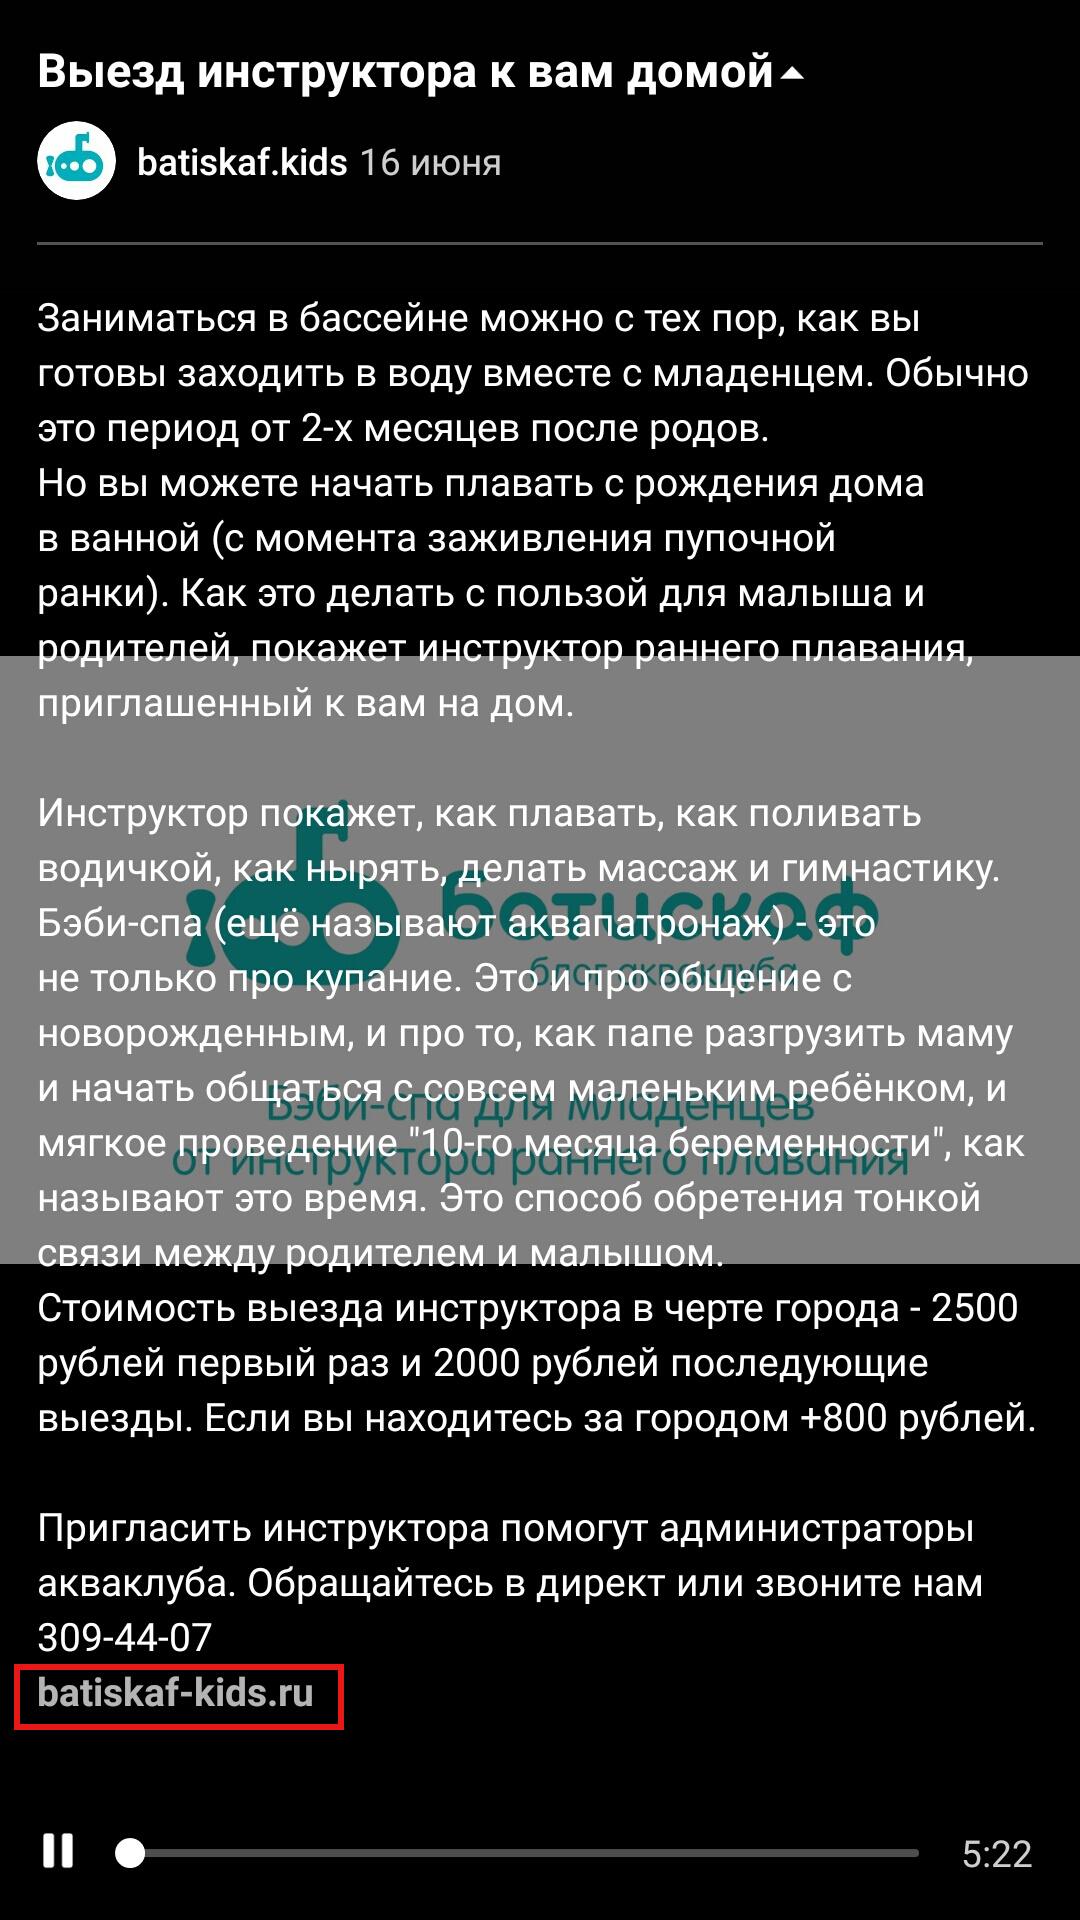 kak-dobavit-ssylku-v-instagram-9-sposobov-16